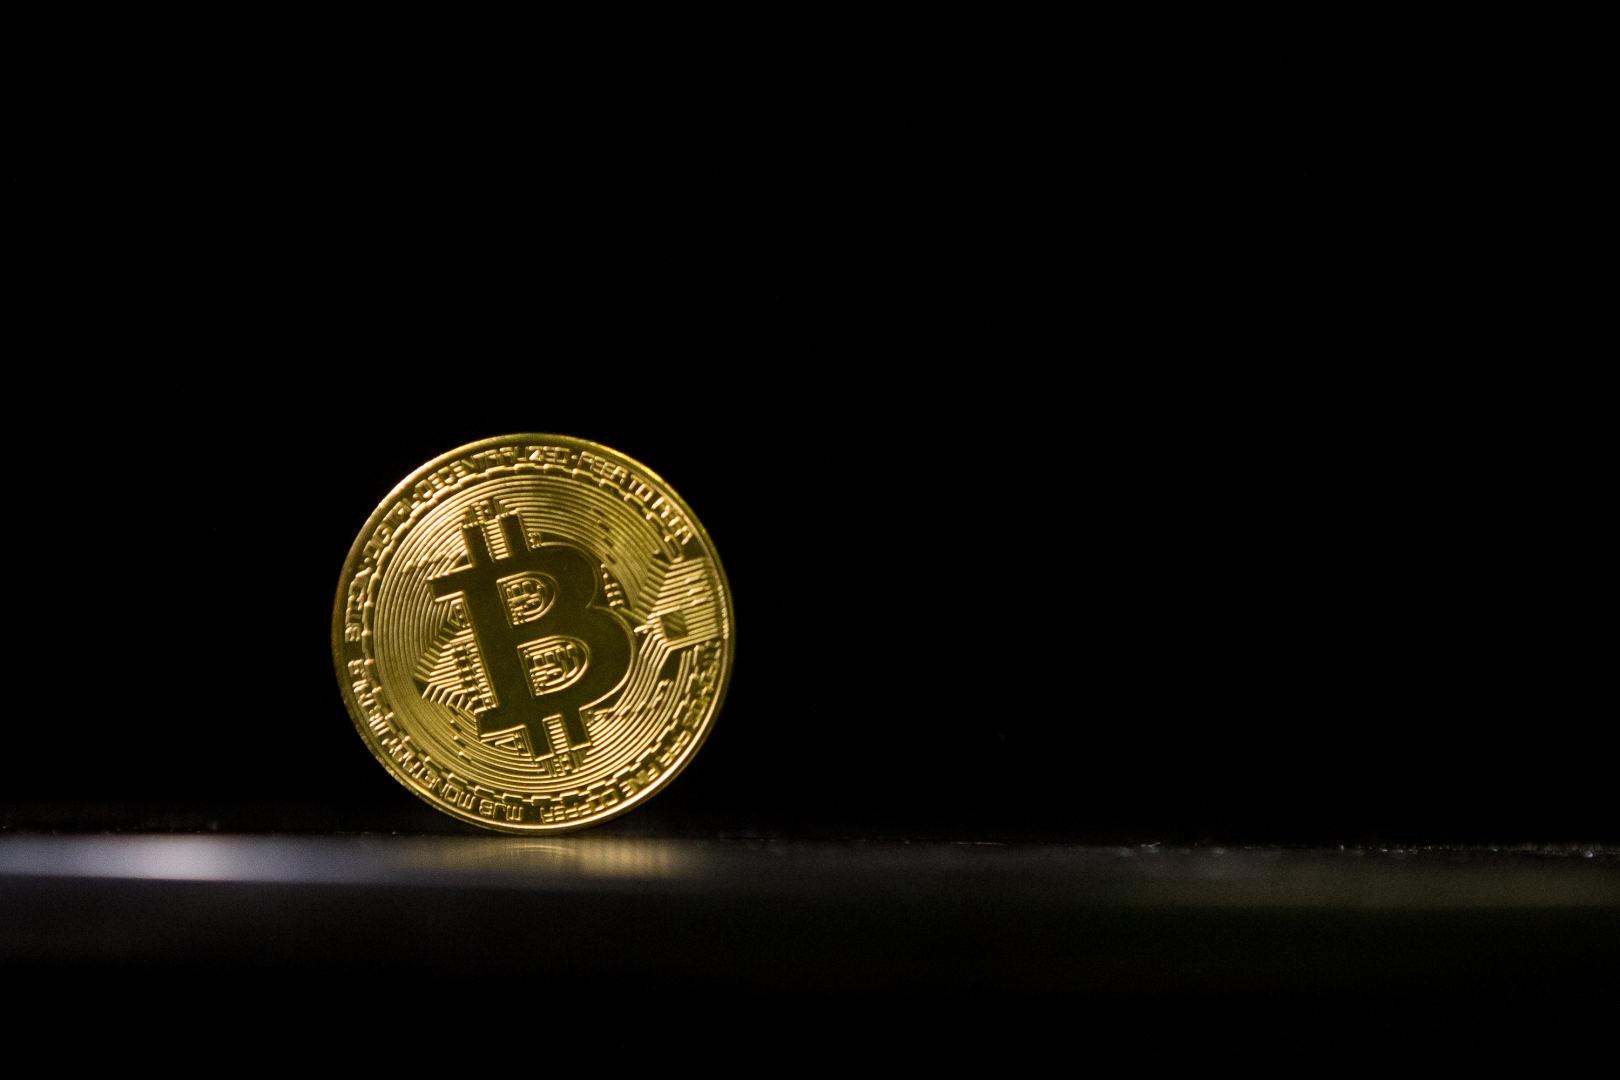 kaip per metus pasidaryti bitkoiną